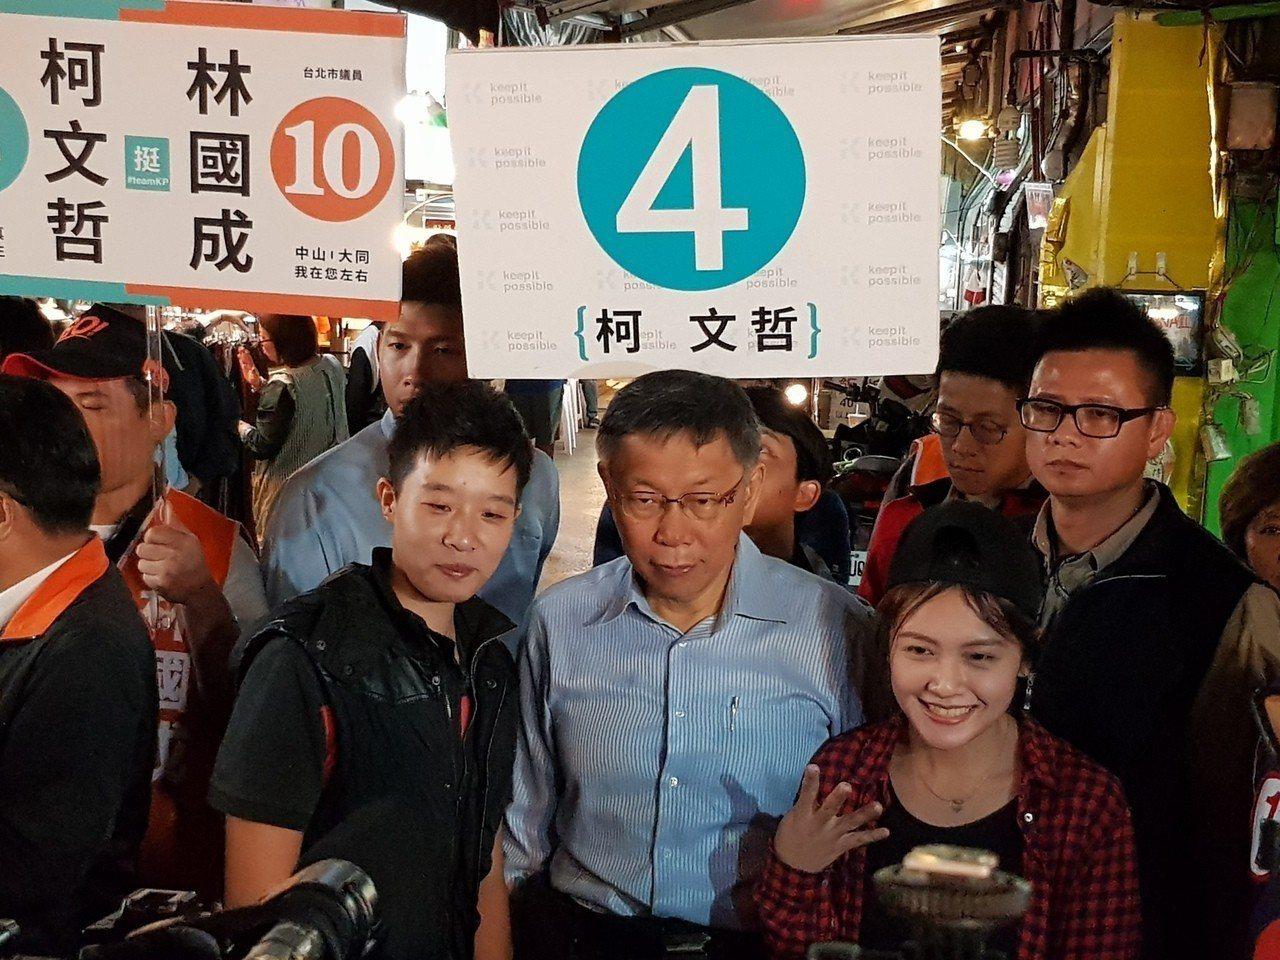 台北市長柯文哲今天傍晚5時30分到晴光商圈與雙城街夜市掃街,與民眾合影。記者翁浩...